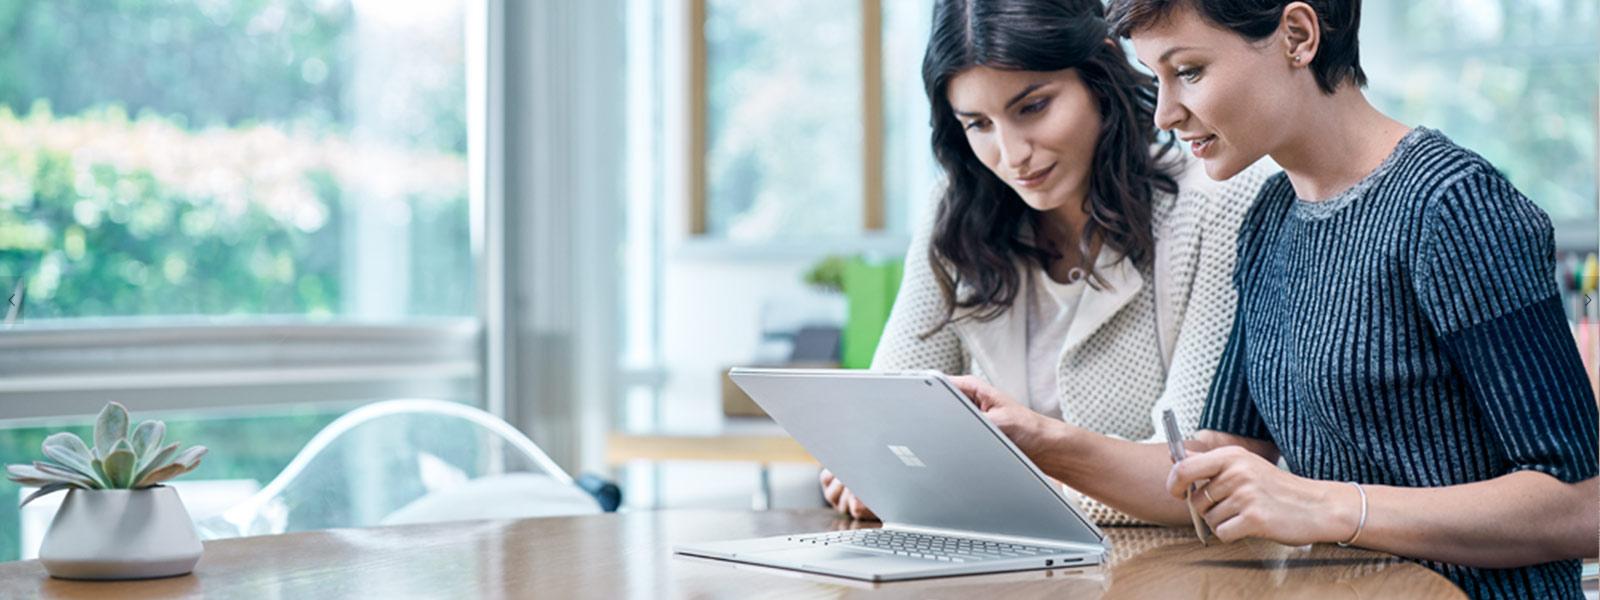 Vrouw die de Surface-pen gebruikt voor tekenen op het Surface Studio-scherm tijdens zoomen door knijpen met haar andere hand